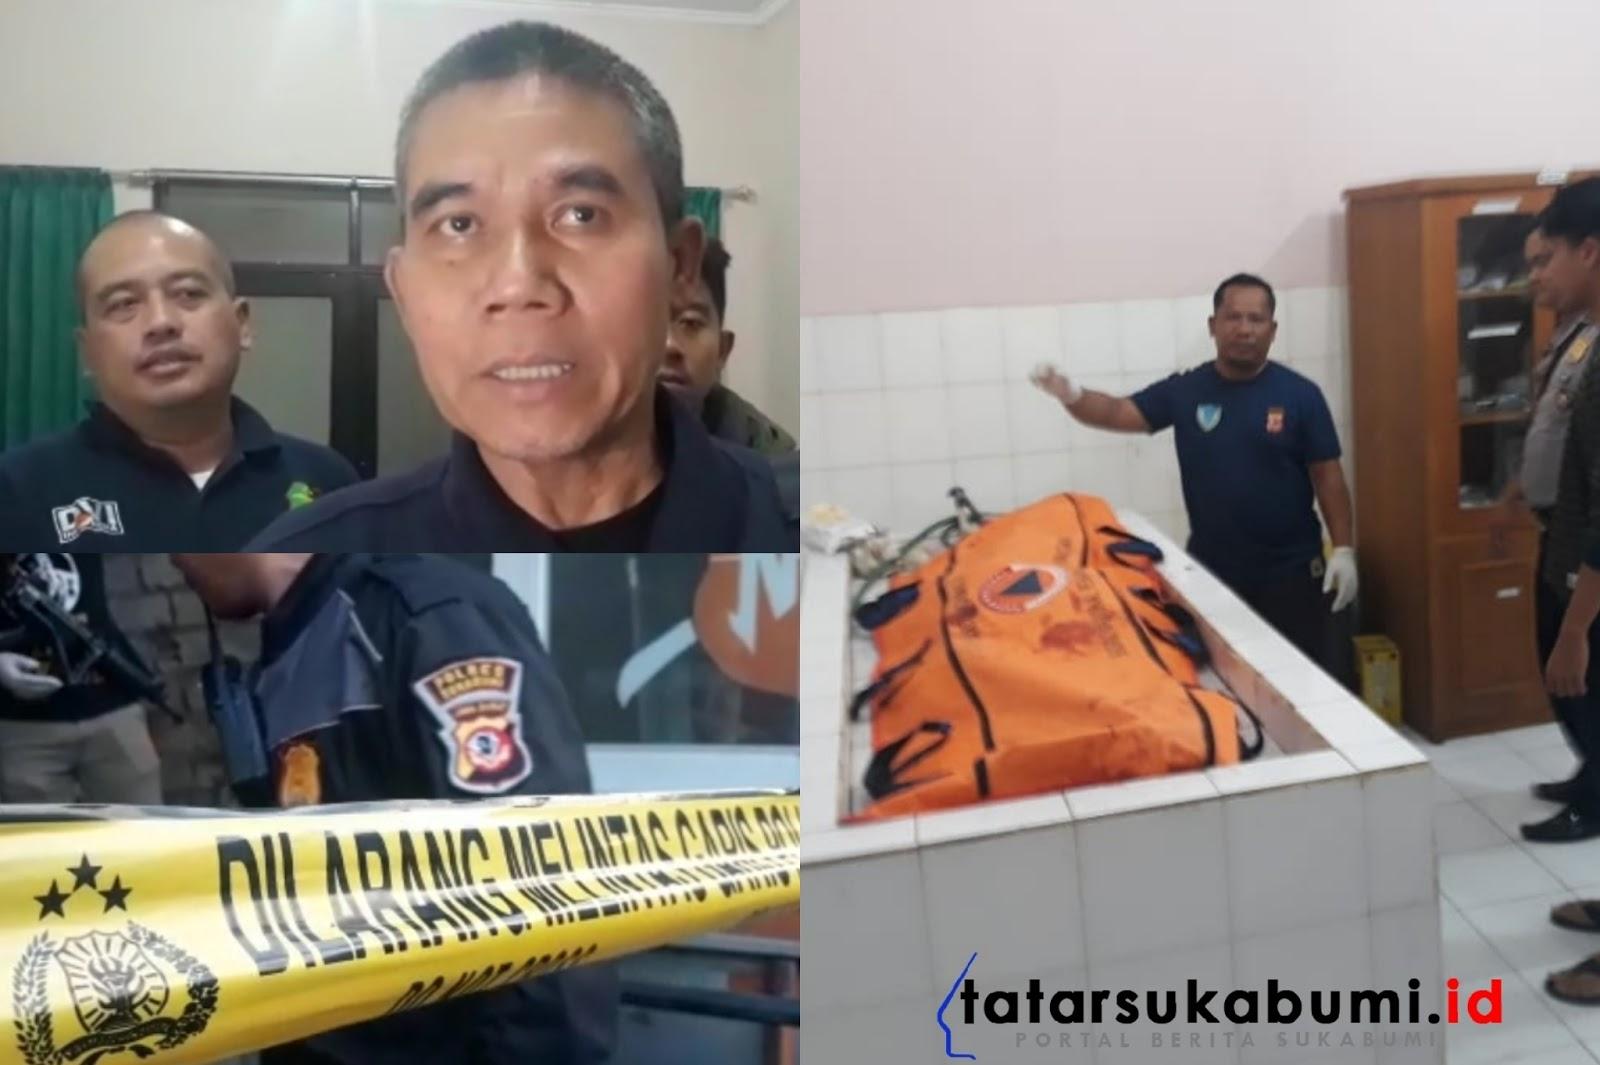 Pembunuhan di Sukabumi, Hasil Forensik Menyatakan Korban Tewas Dengan Luka Sayatan di Leher